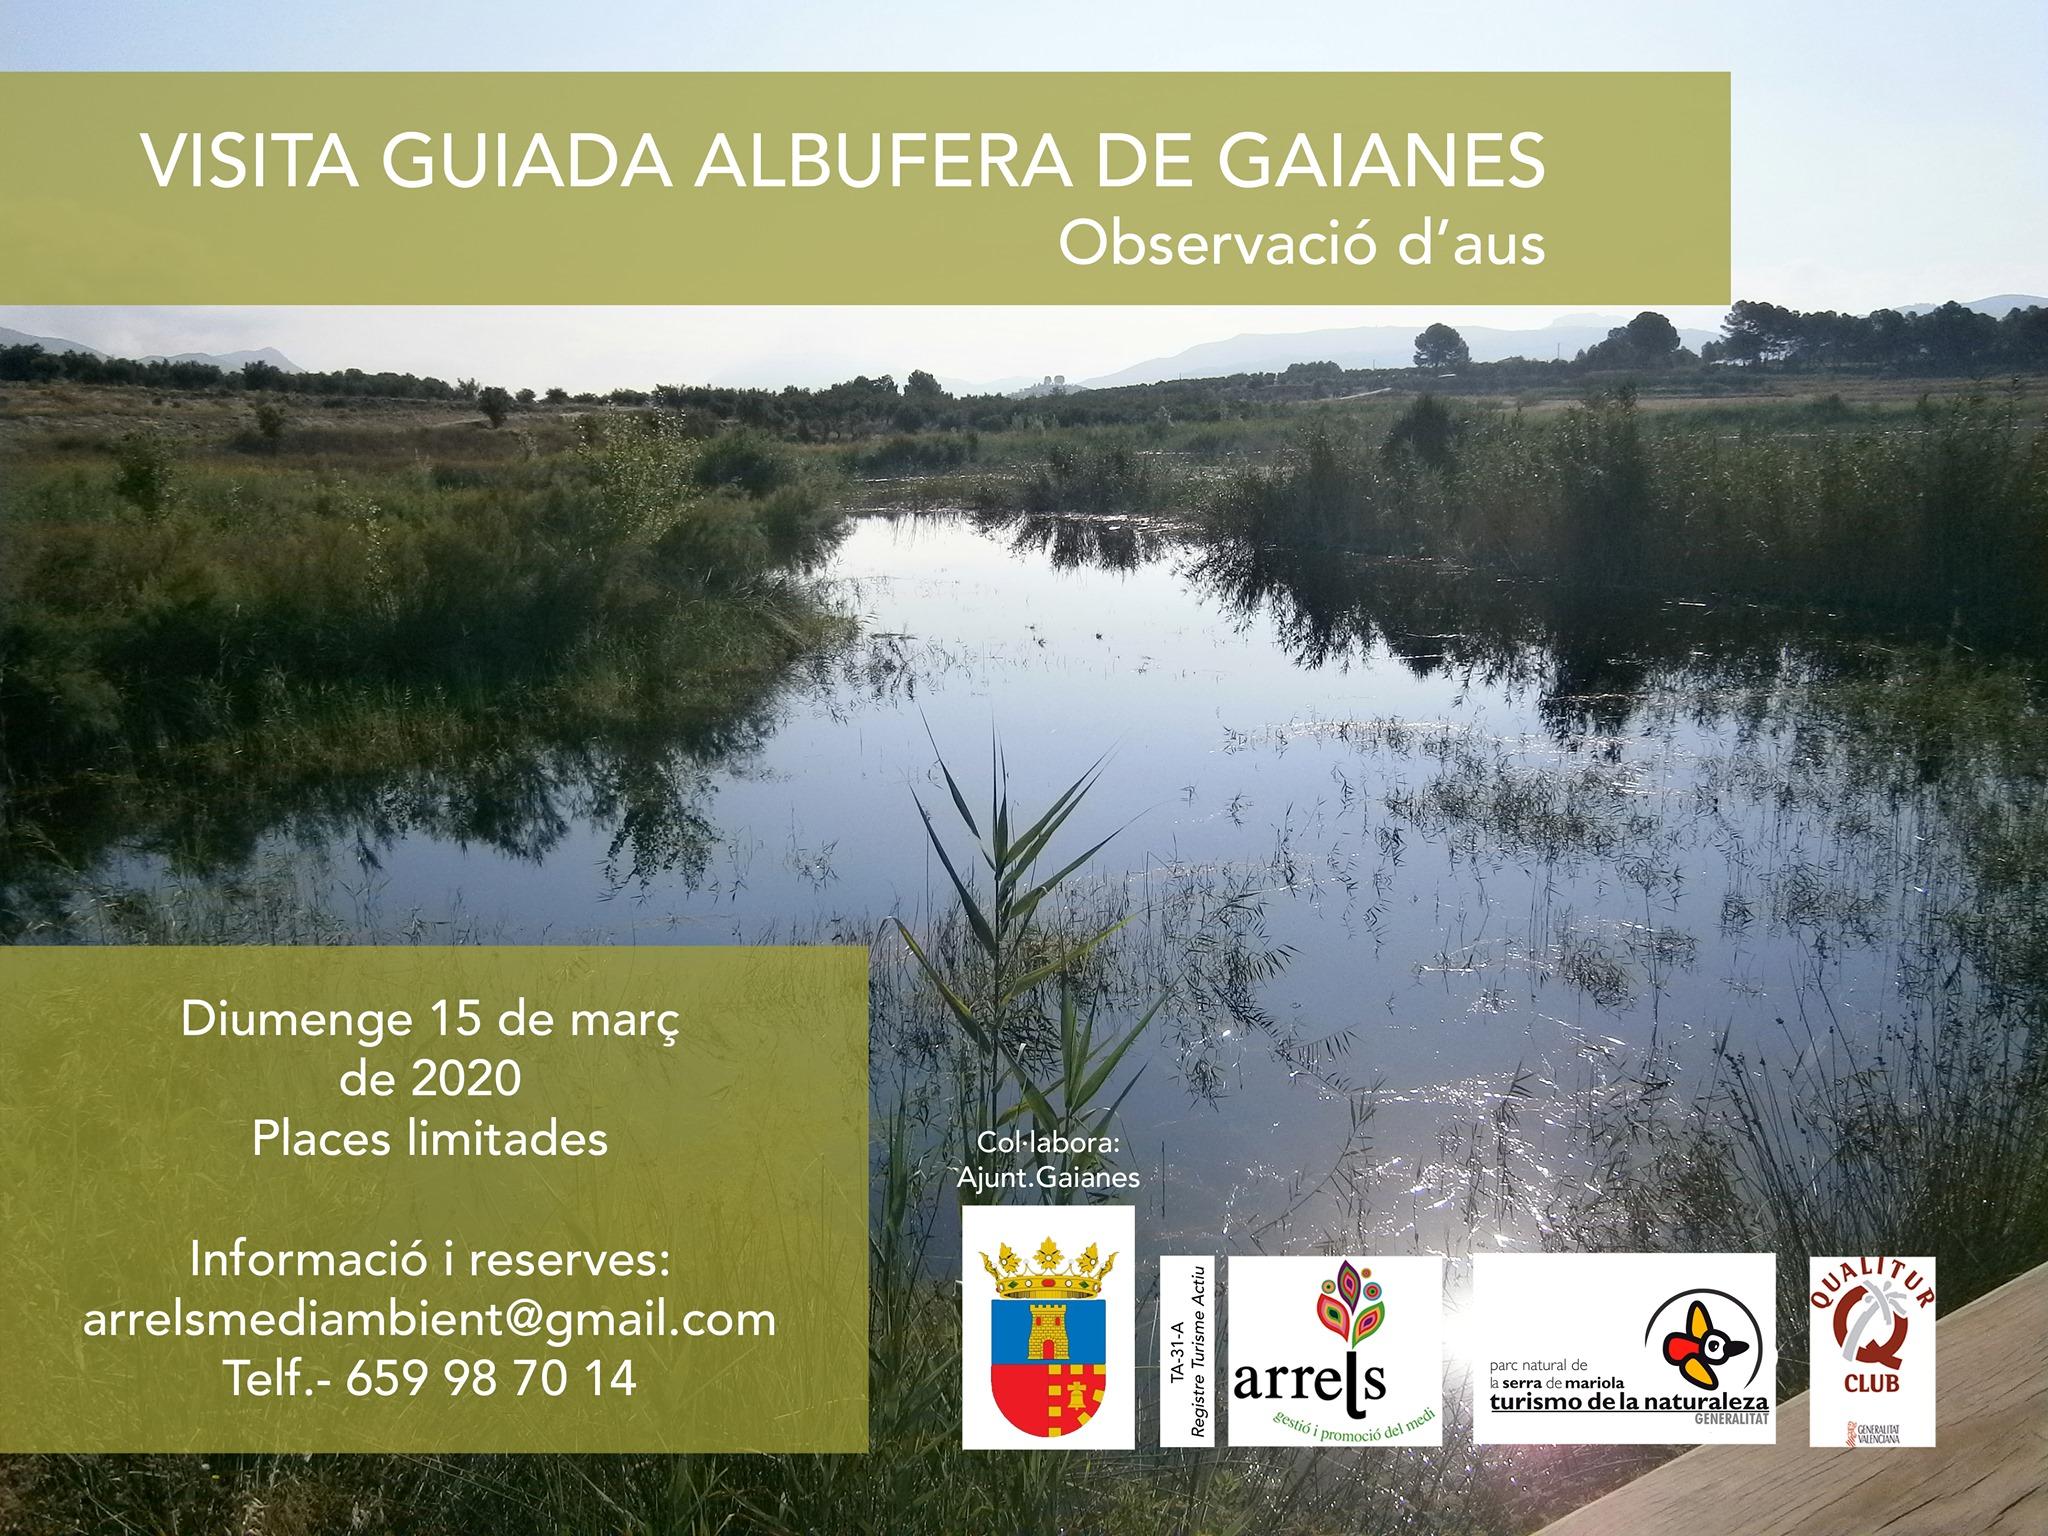 Visita guiada a la albufera de Gaianes